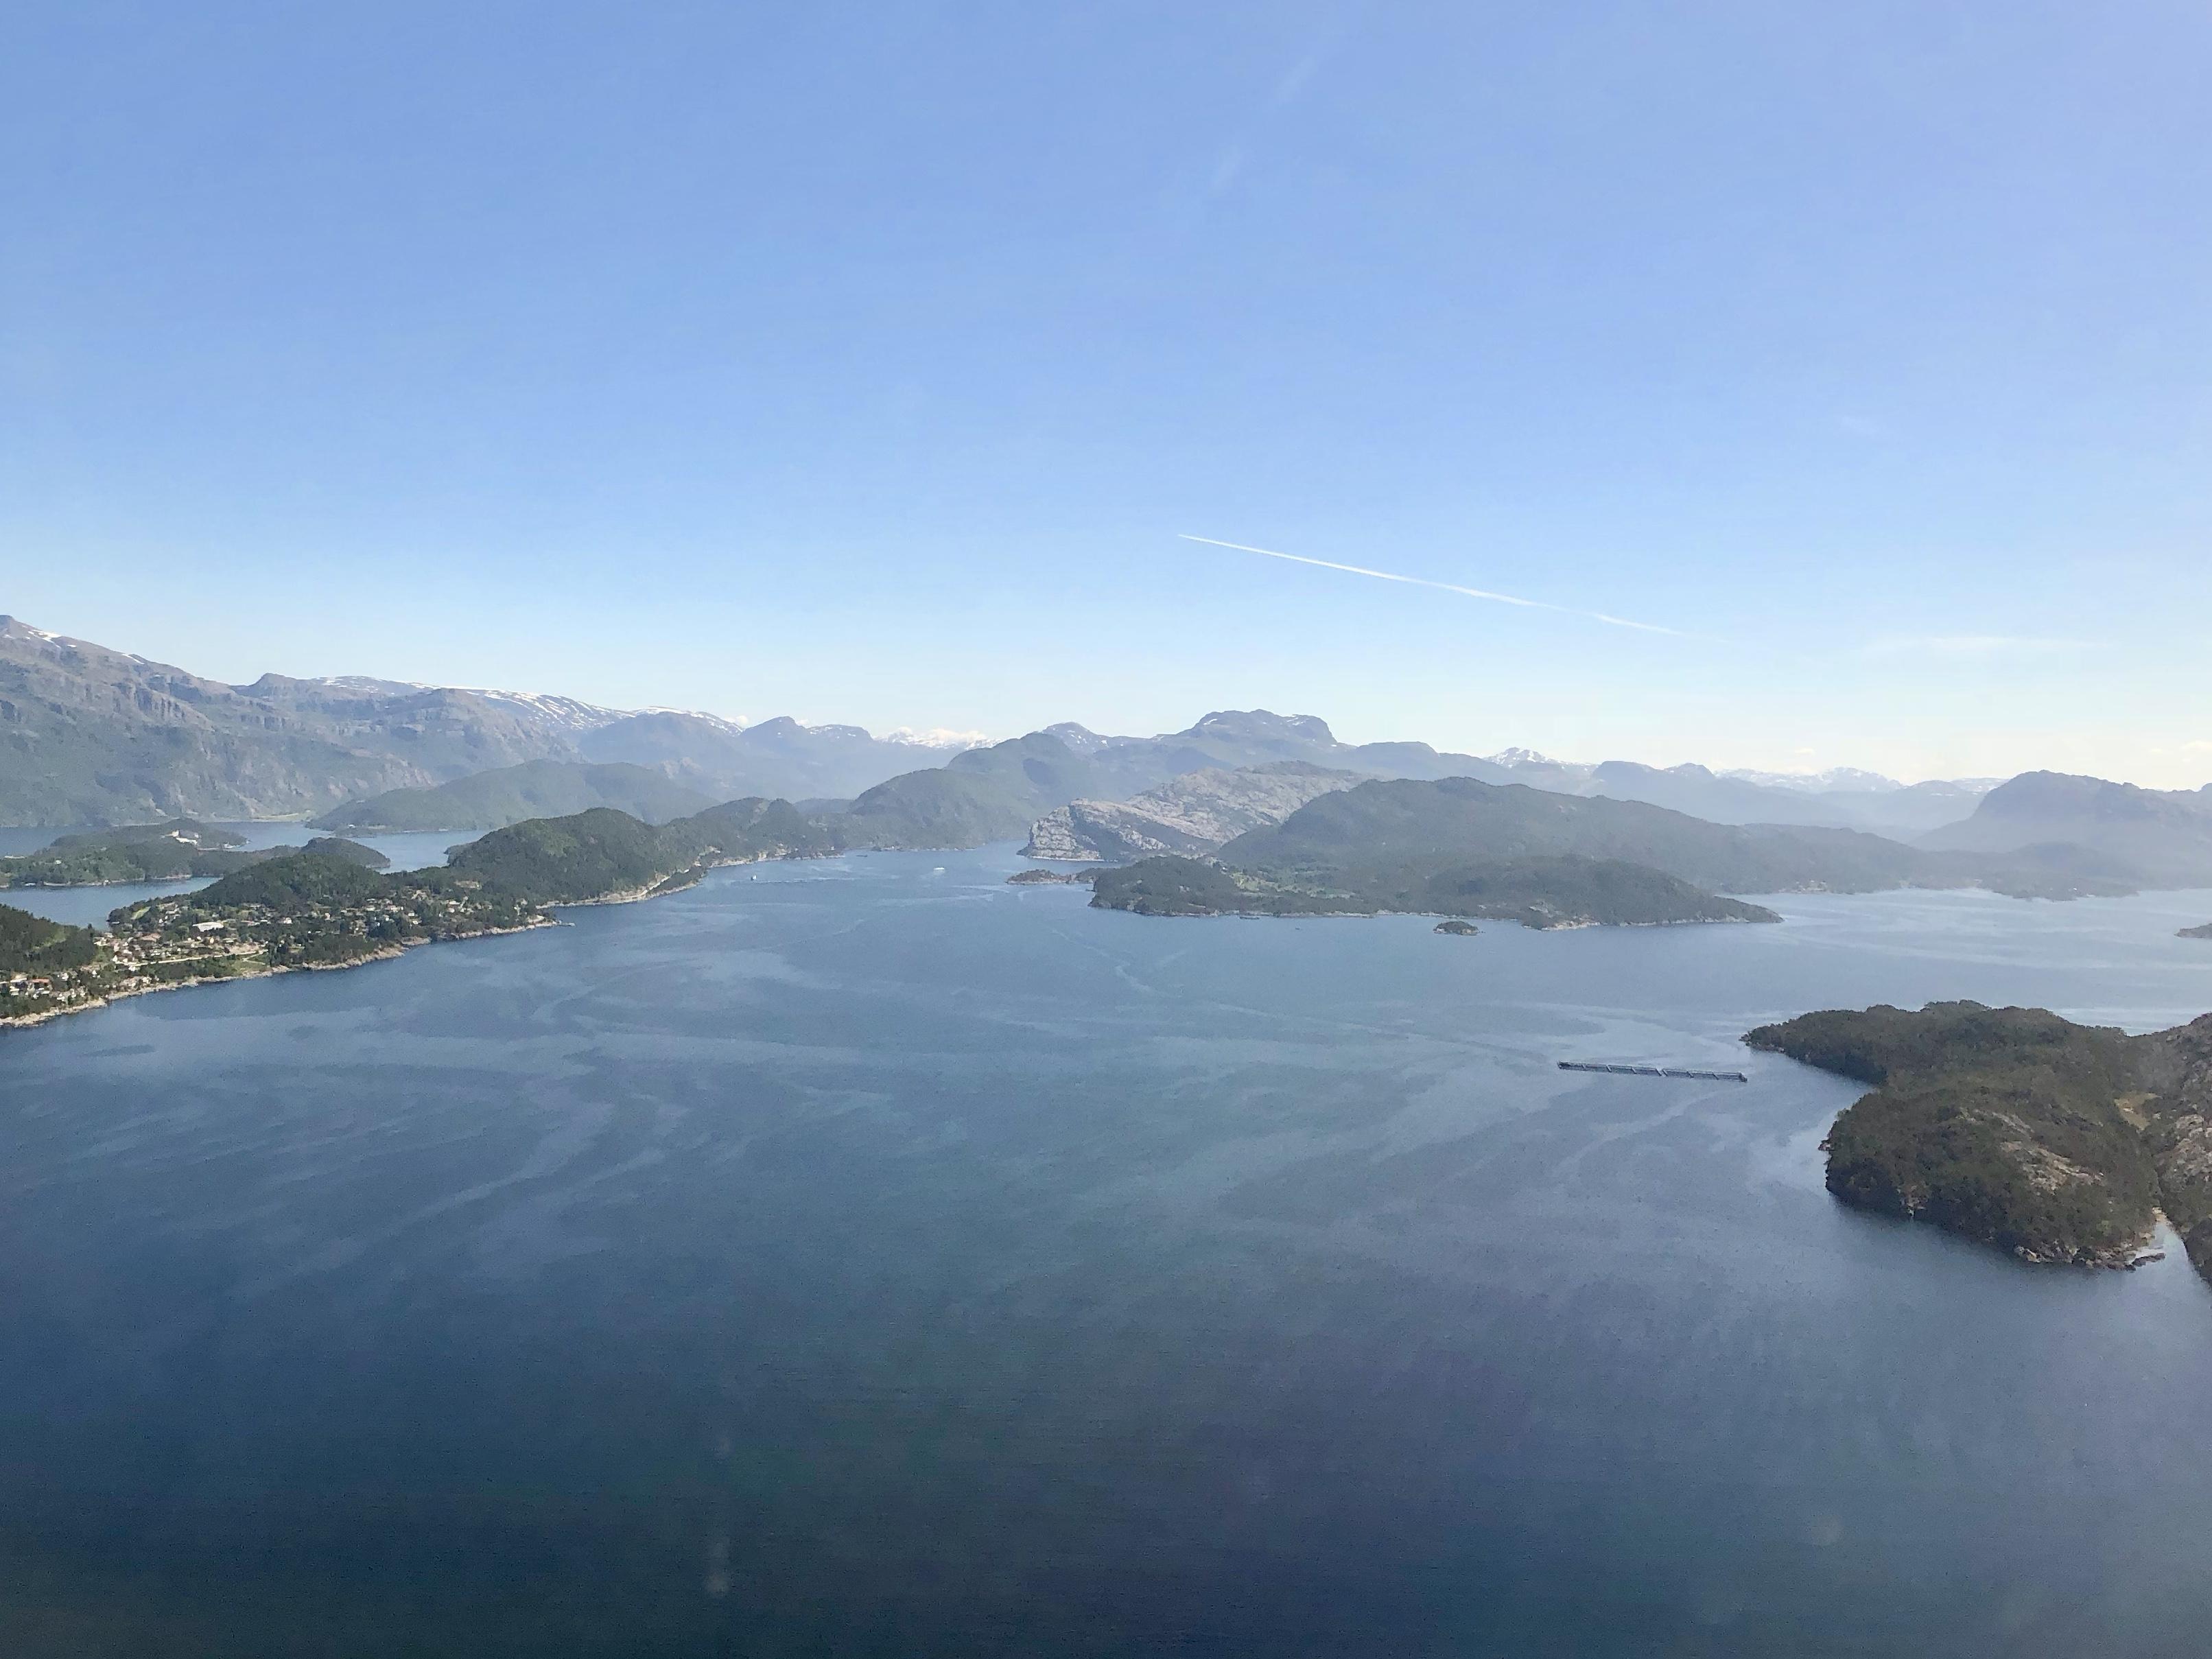 Blånipa midt i bildet sett fra luften over Florø.